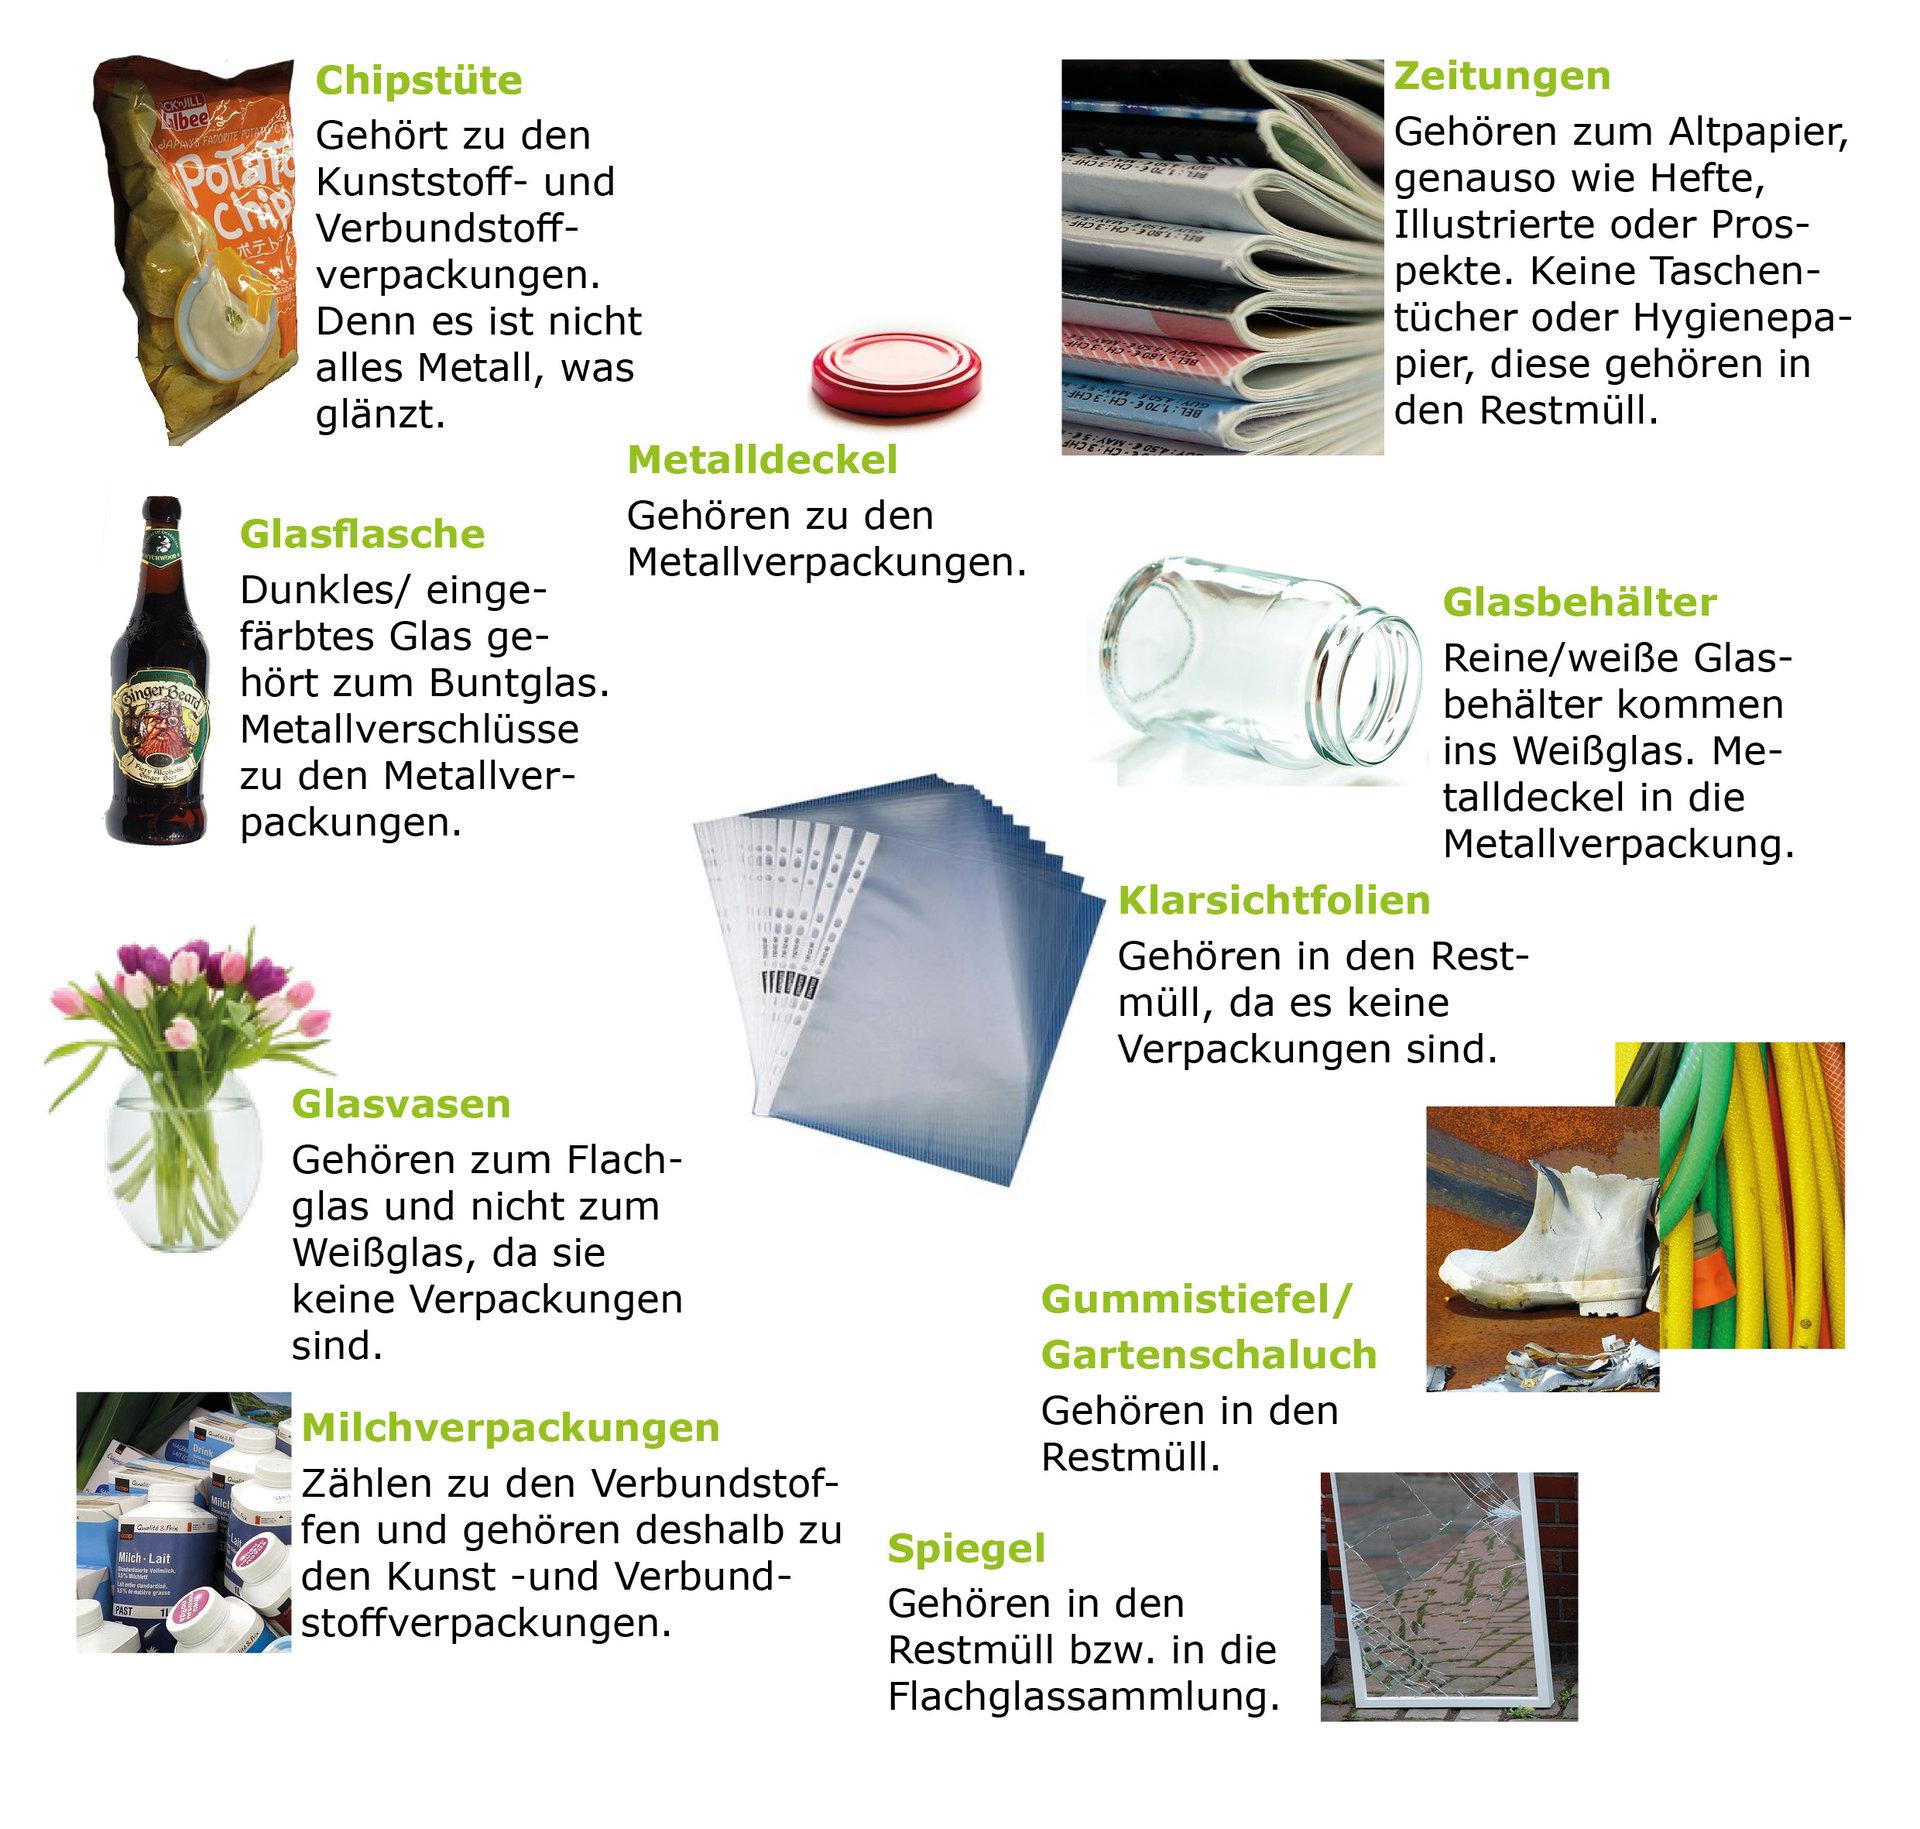 Anleitungen zur richtigen Abfalltrennung